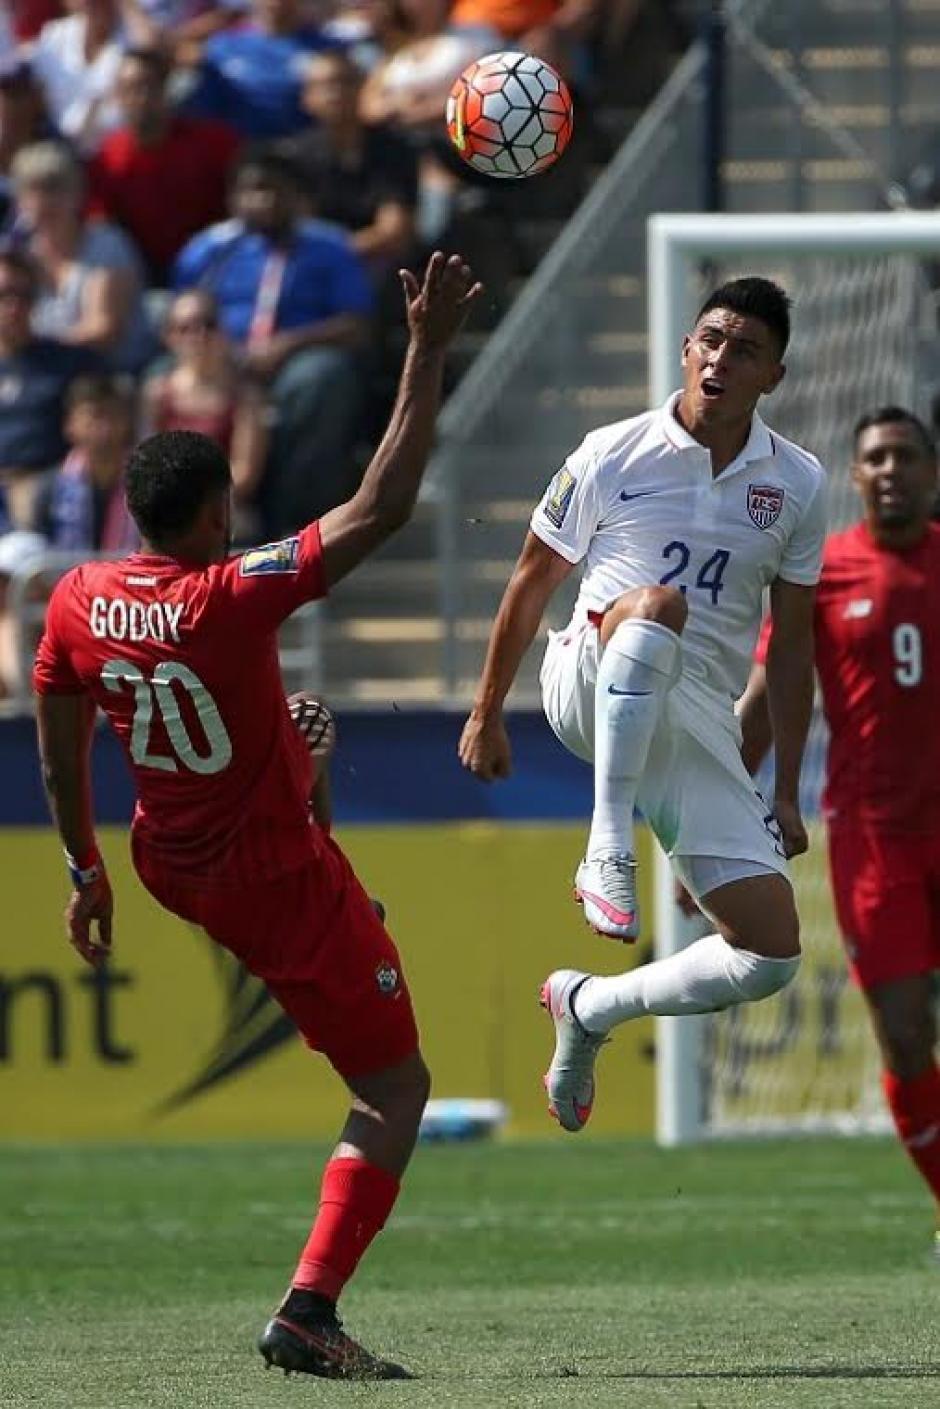 Pese a que fue un partido fuerte, el empate 1-1 debió de definirse en penales. (Foto: AFP)